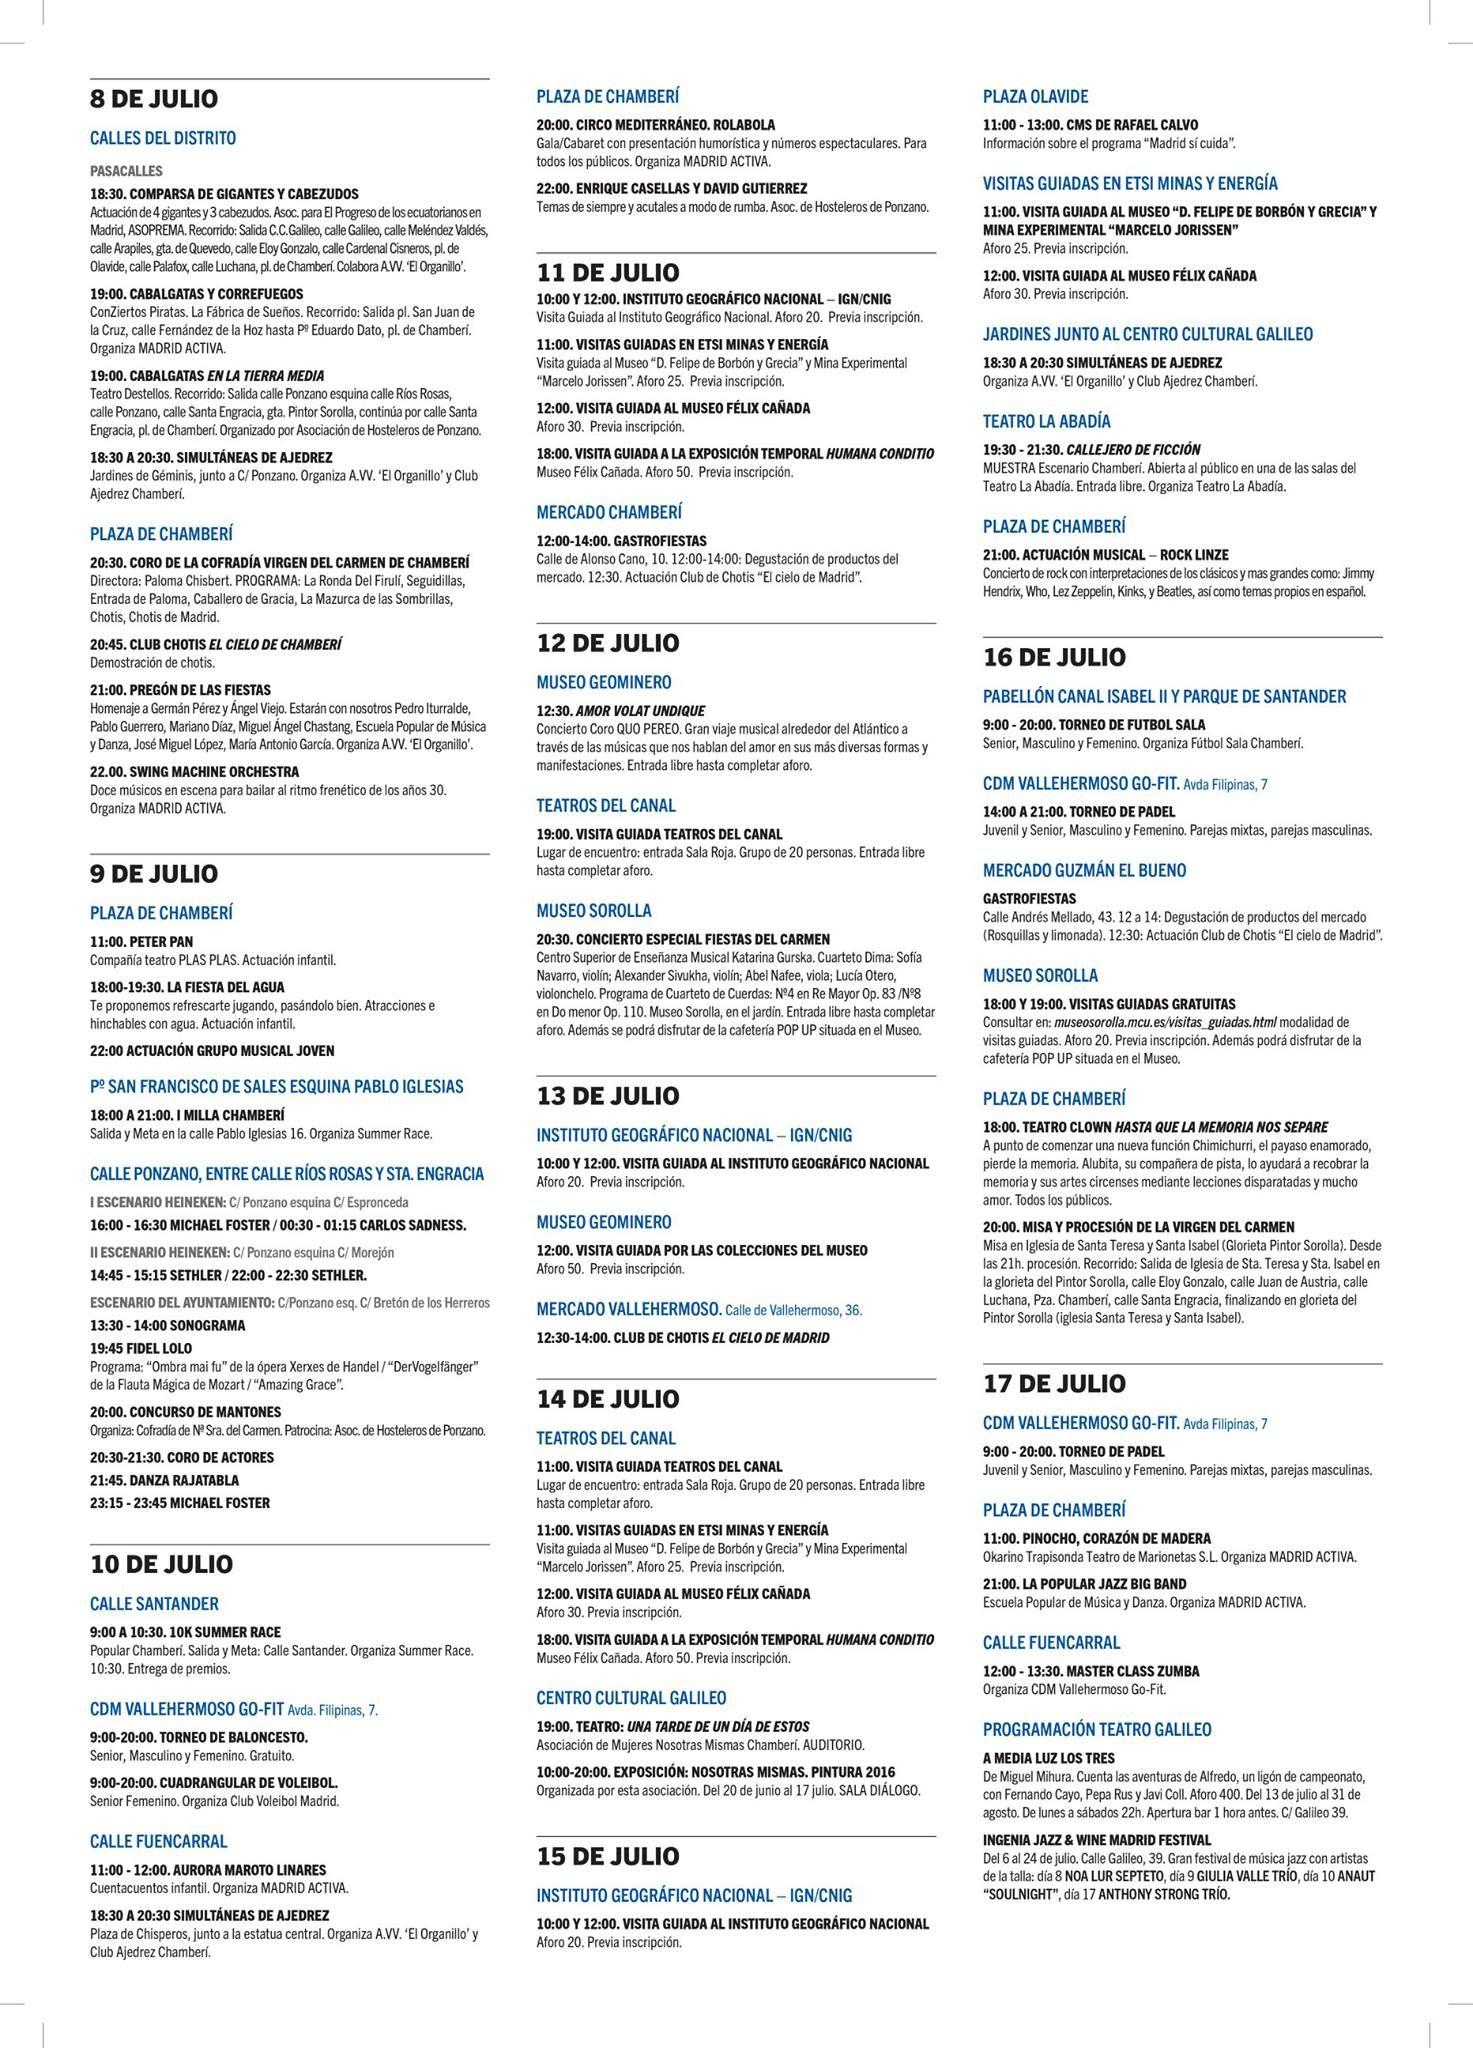 Programa de fiestas (pincha en la imagen para ampliar)